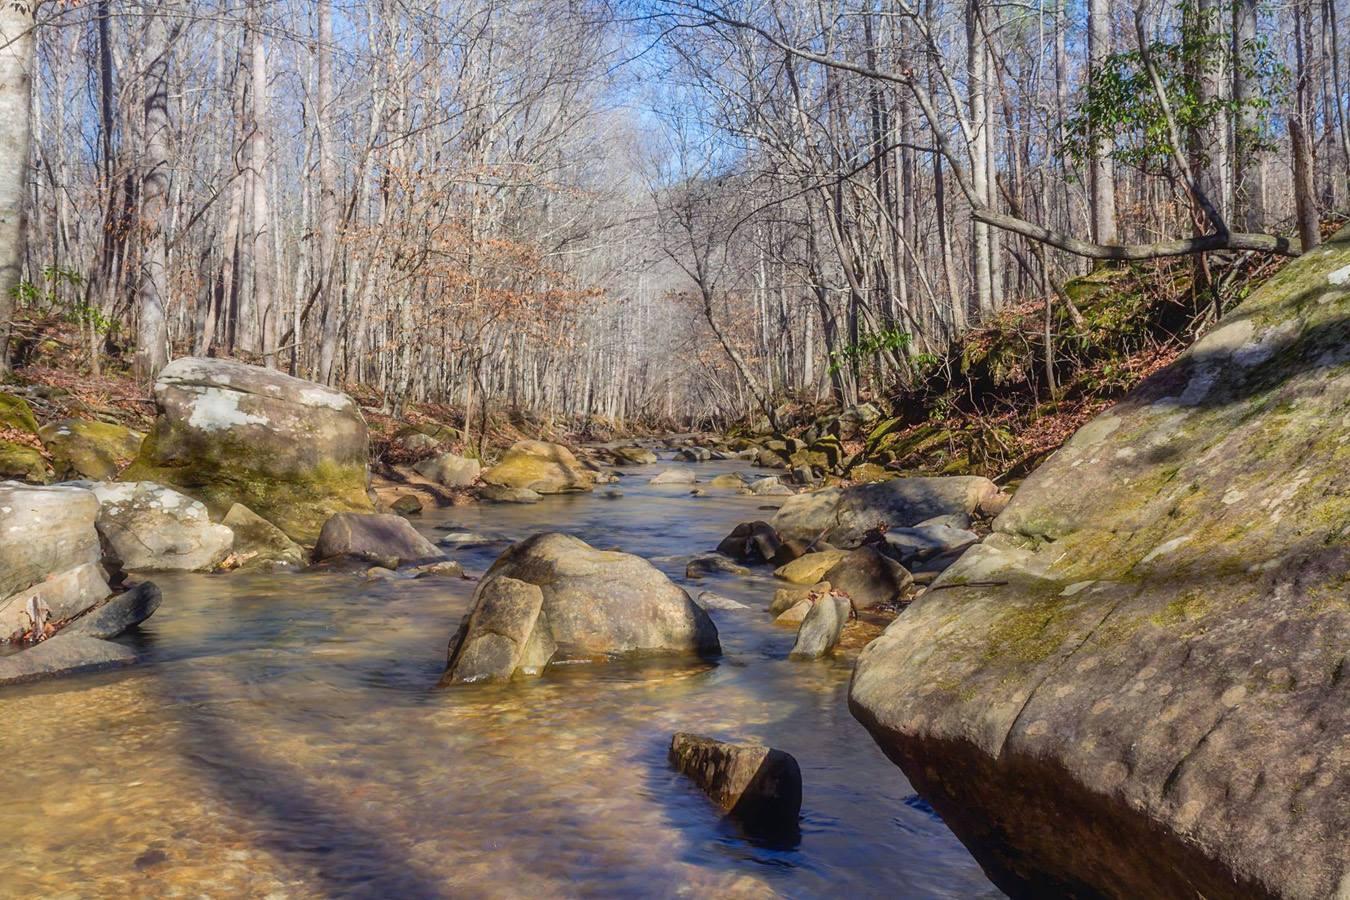 cane-creek.jpg